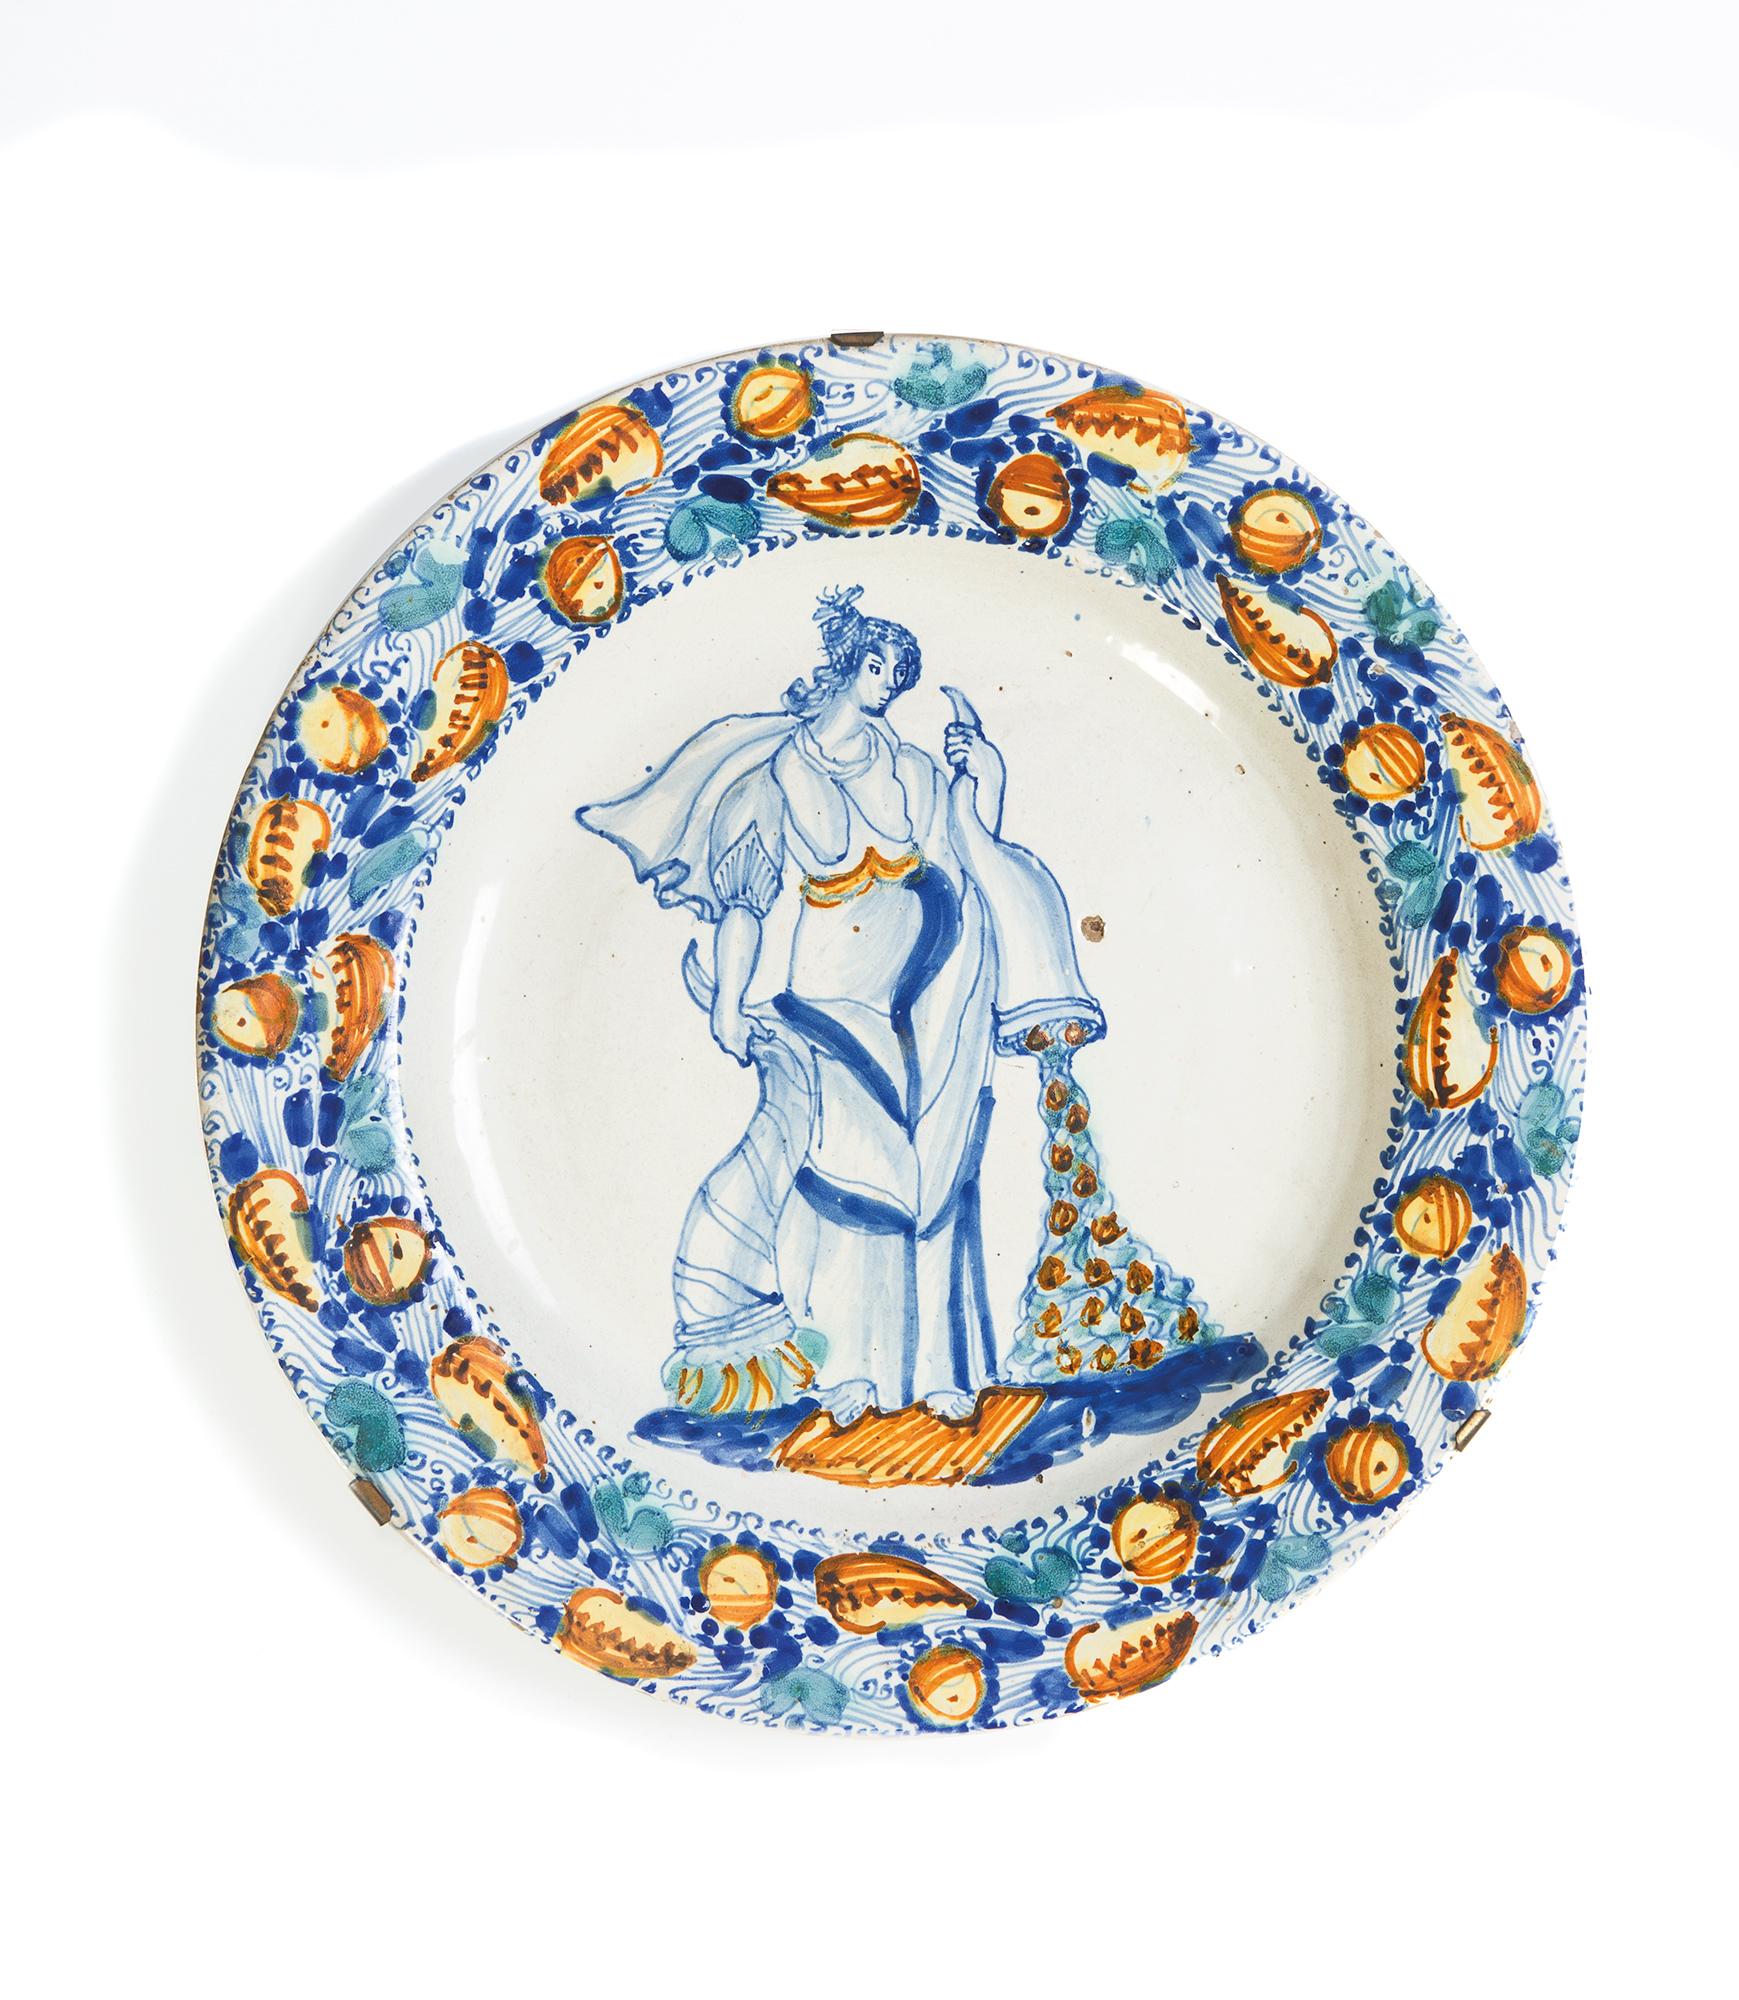 Coppia di piatti da parata in ceramica, Puglia secolo XVIII